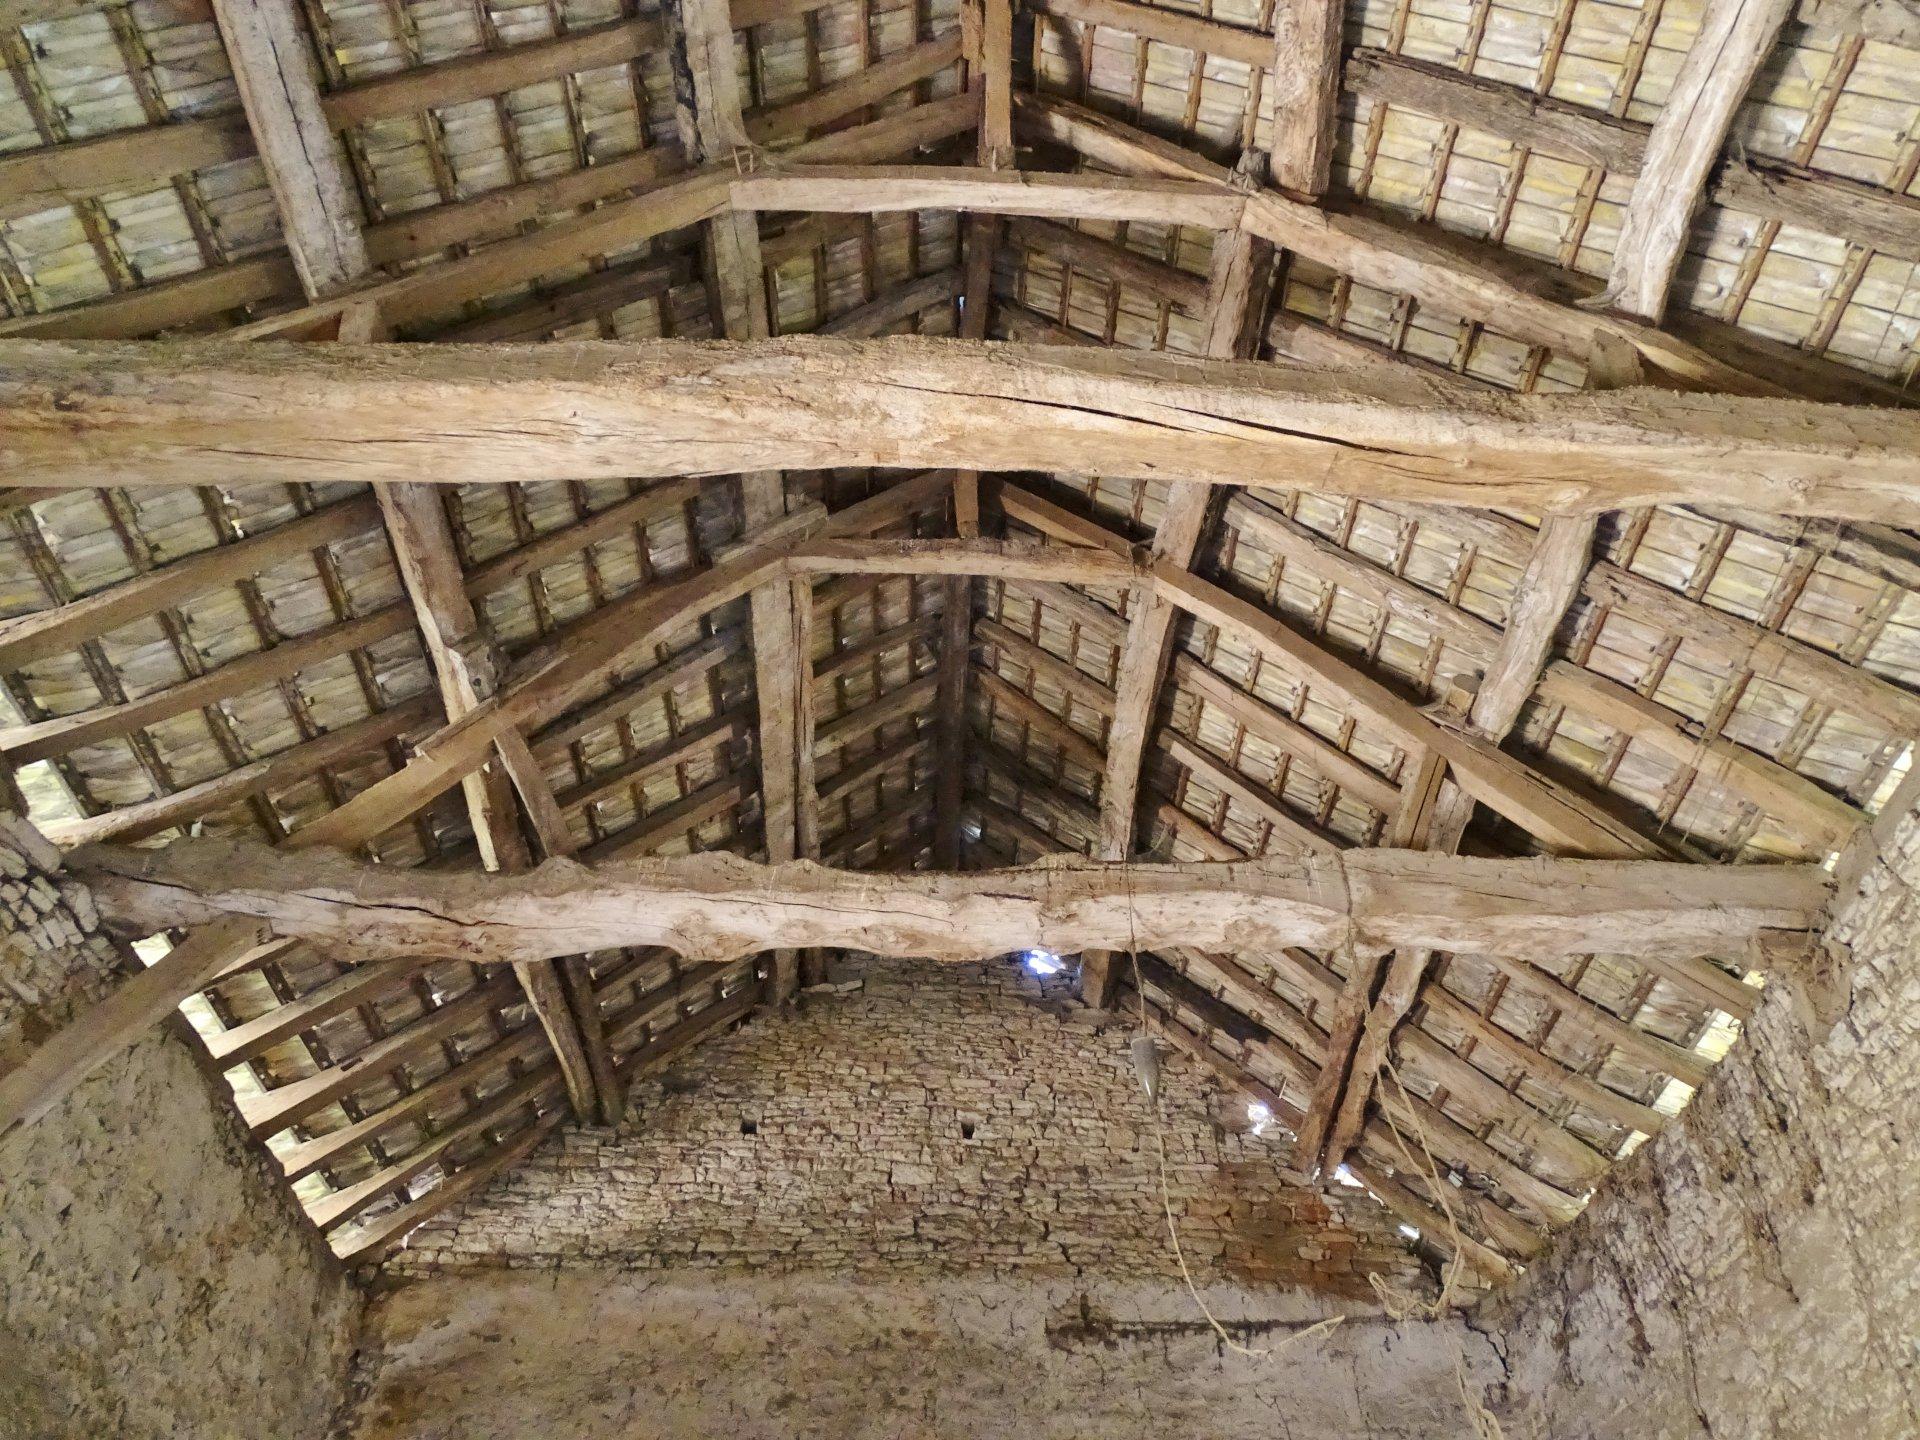 BIEN IMMOBILIER SOUS COMPROMIS DE VENTE. Située sur une terrain de 1 120 m², venez découvrir cette grange de 130 m² au sol où tout reste à faire. Possibilité de faire au moins 2 niveaux. Deux maisonnettes non habitables en l'état font aussi parties de la vente. L'une accolée à la grange, l'autre tout de suite sur la gauche en rentrant sur le terrain.  Situé au calme. Idéal pour artisan ou pour budgets importants. Visite à 360° sur notre site. Honoraires à la charge des vendeurs.